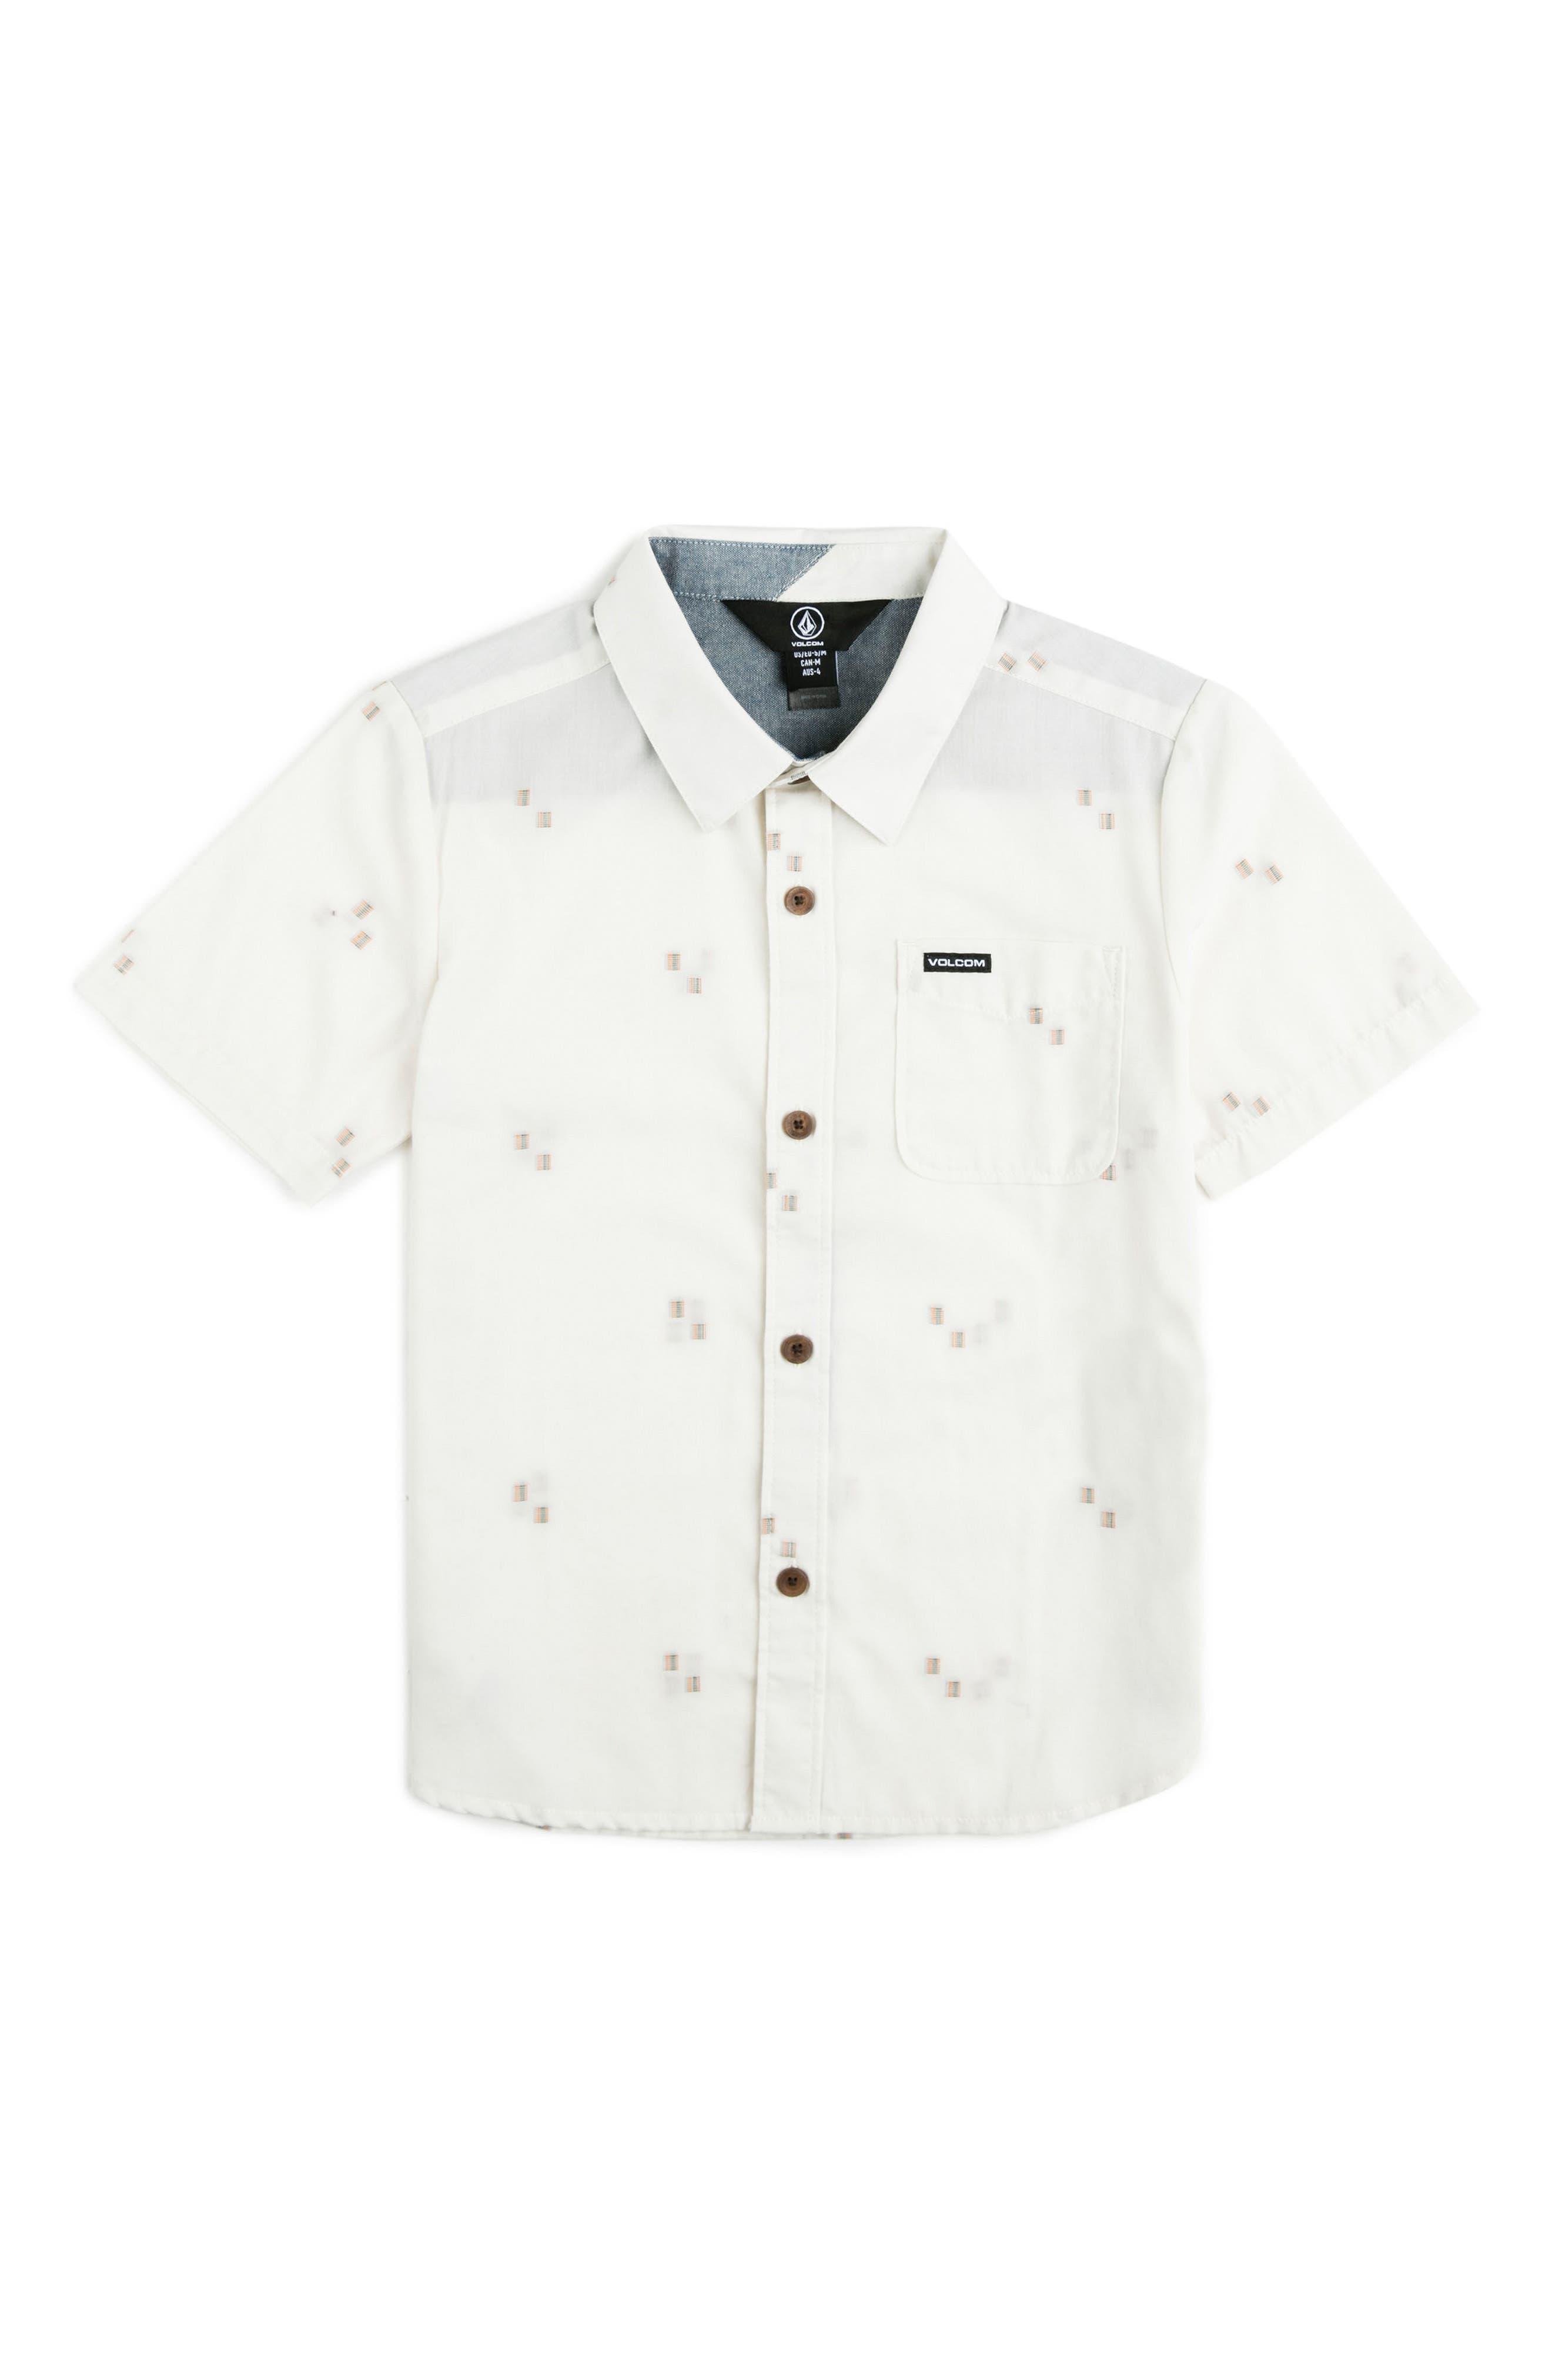 Alternate Image 1 Selected - Volcom Floyd Woven Shirt (Toddler Boys & Little Boys)